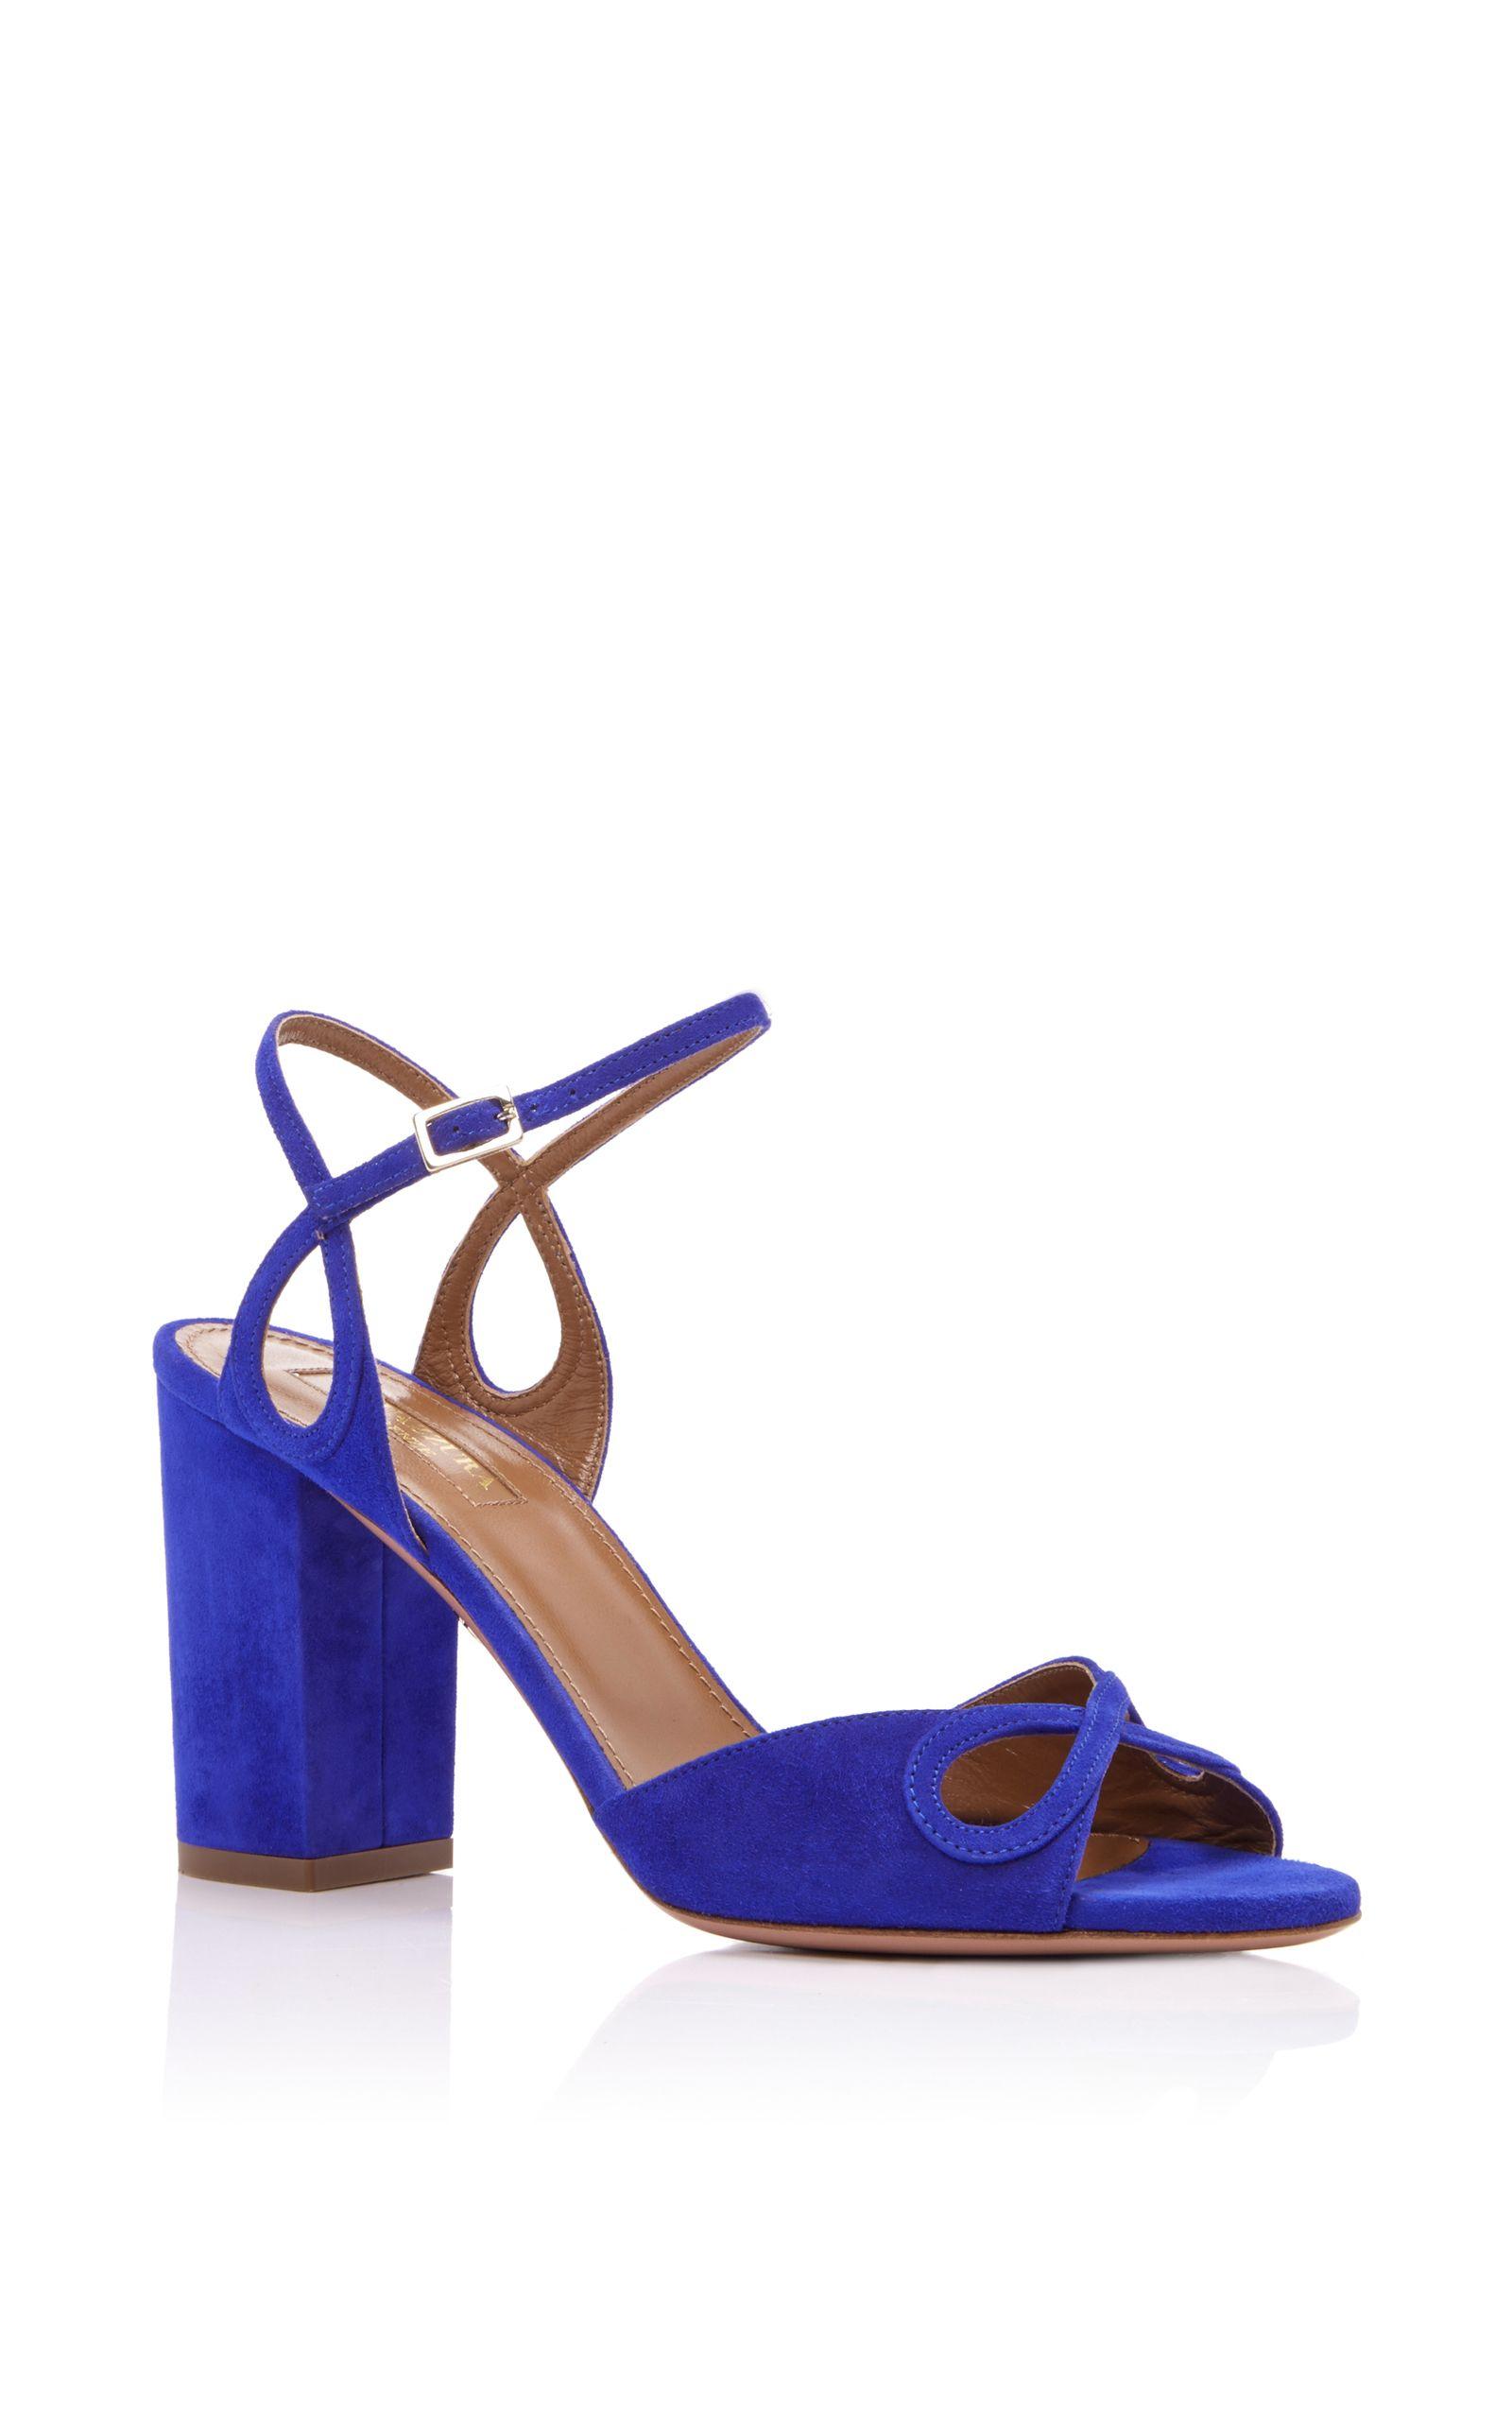 98a6fd4fa38192 AQUAZZURA Suede Vera Sandals.  aquazzura  shoes  sandals